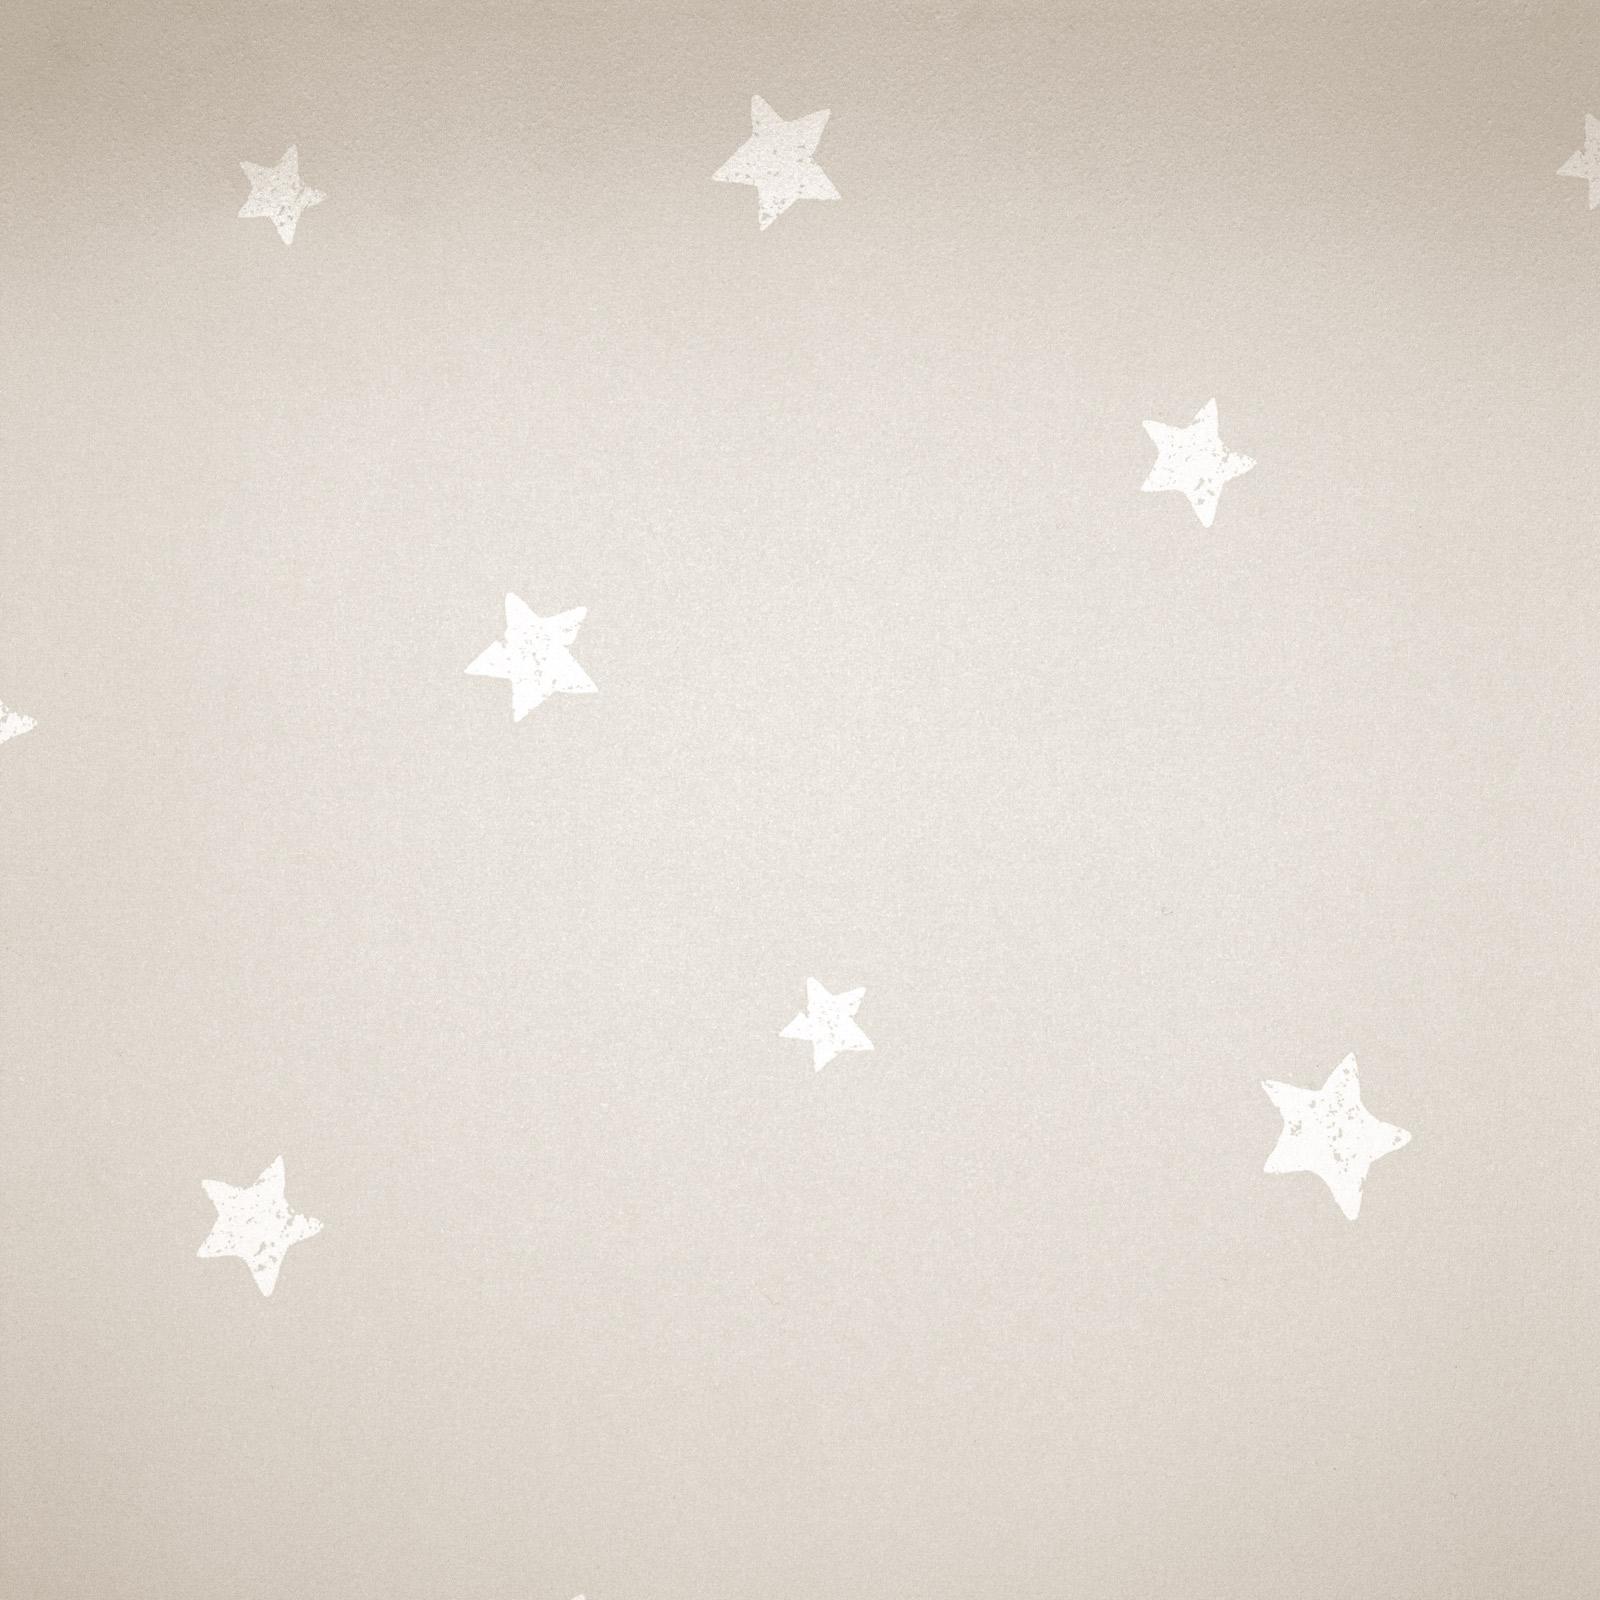 Coller papier peint toile verre colombes modele devis travaux excel kit pou - Coller toile de verre sur papier peint ...